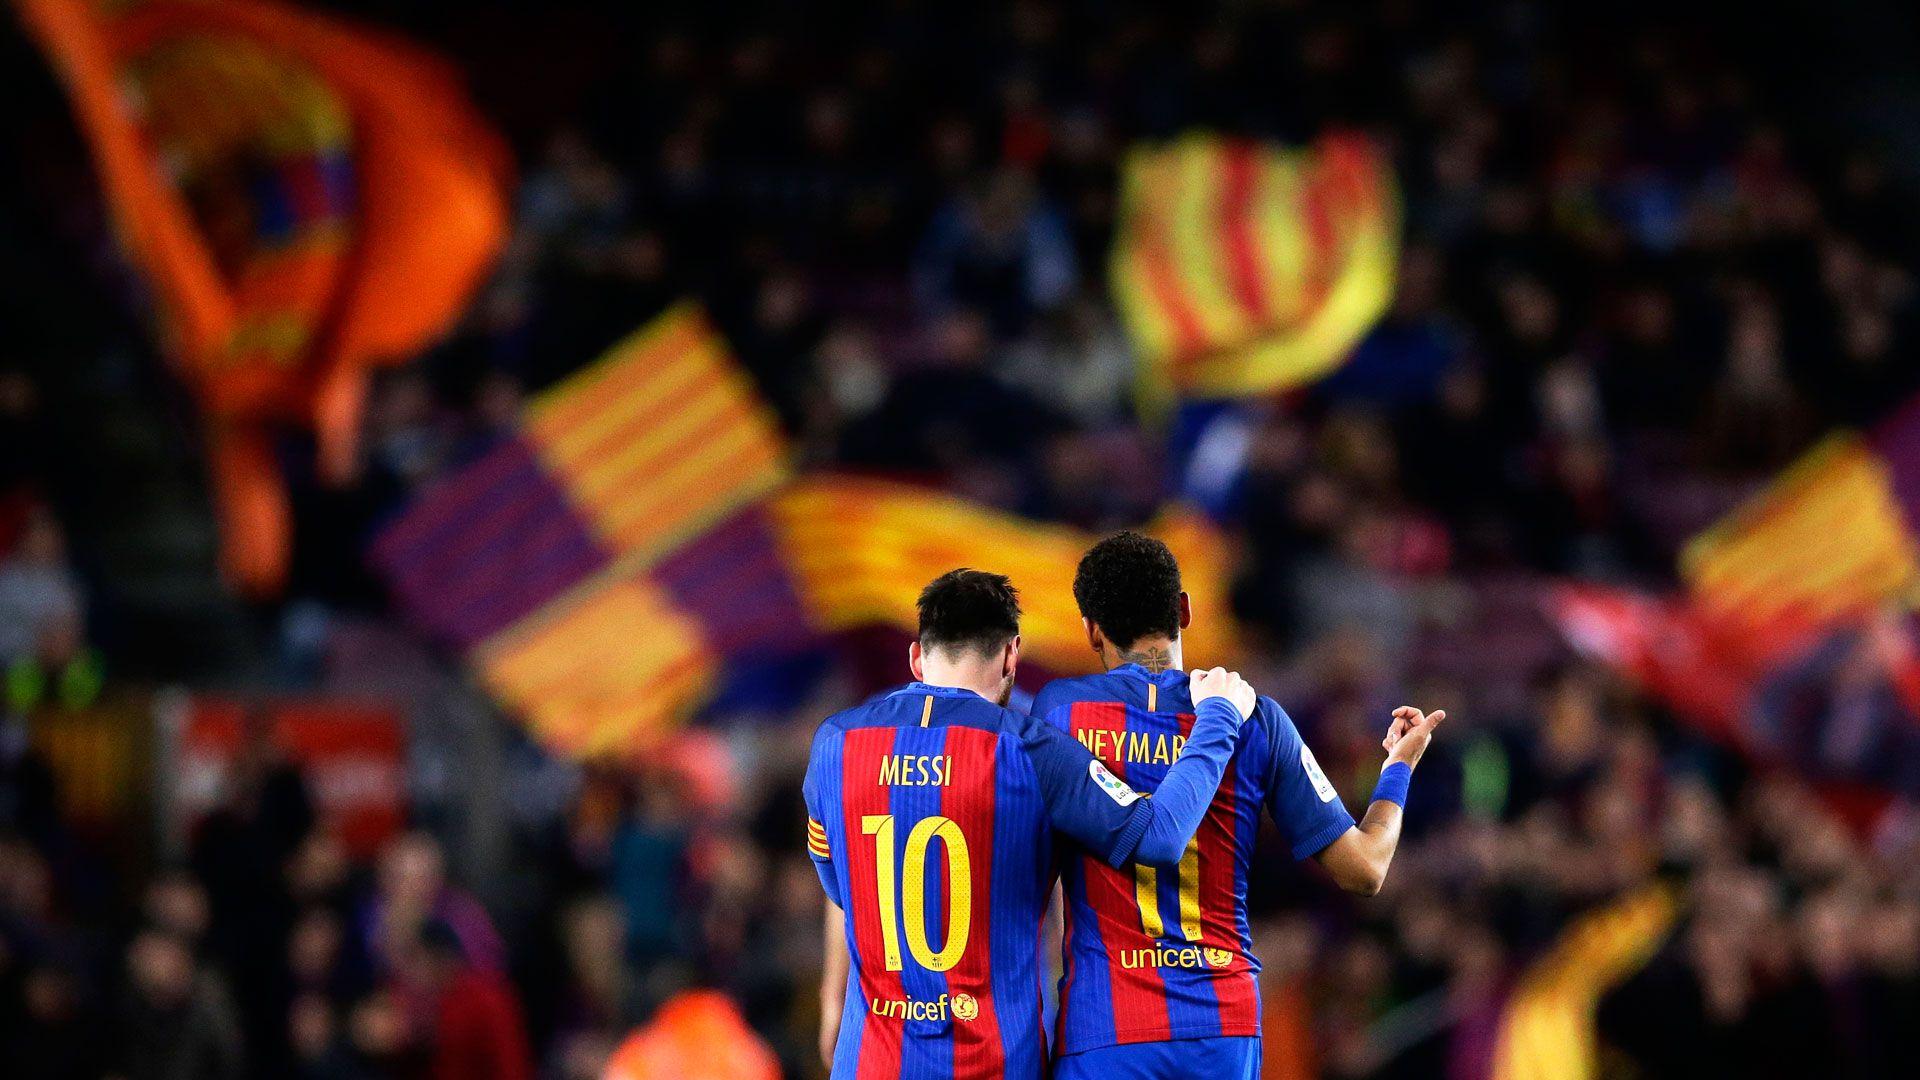 La amistad nacida en Barcelona se profundizó, pese a que integran equipos rivales y selecciones enfrentadas. Pese a todo ambos reivindican su relación en público y en privado en un caso atípico en estrellas del alto rendimiento deportivo (AP)